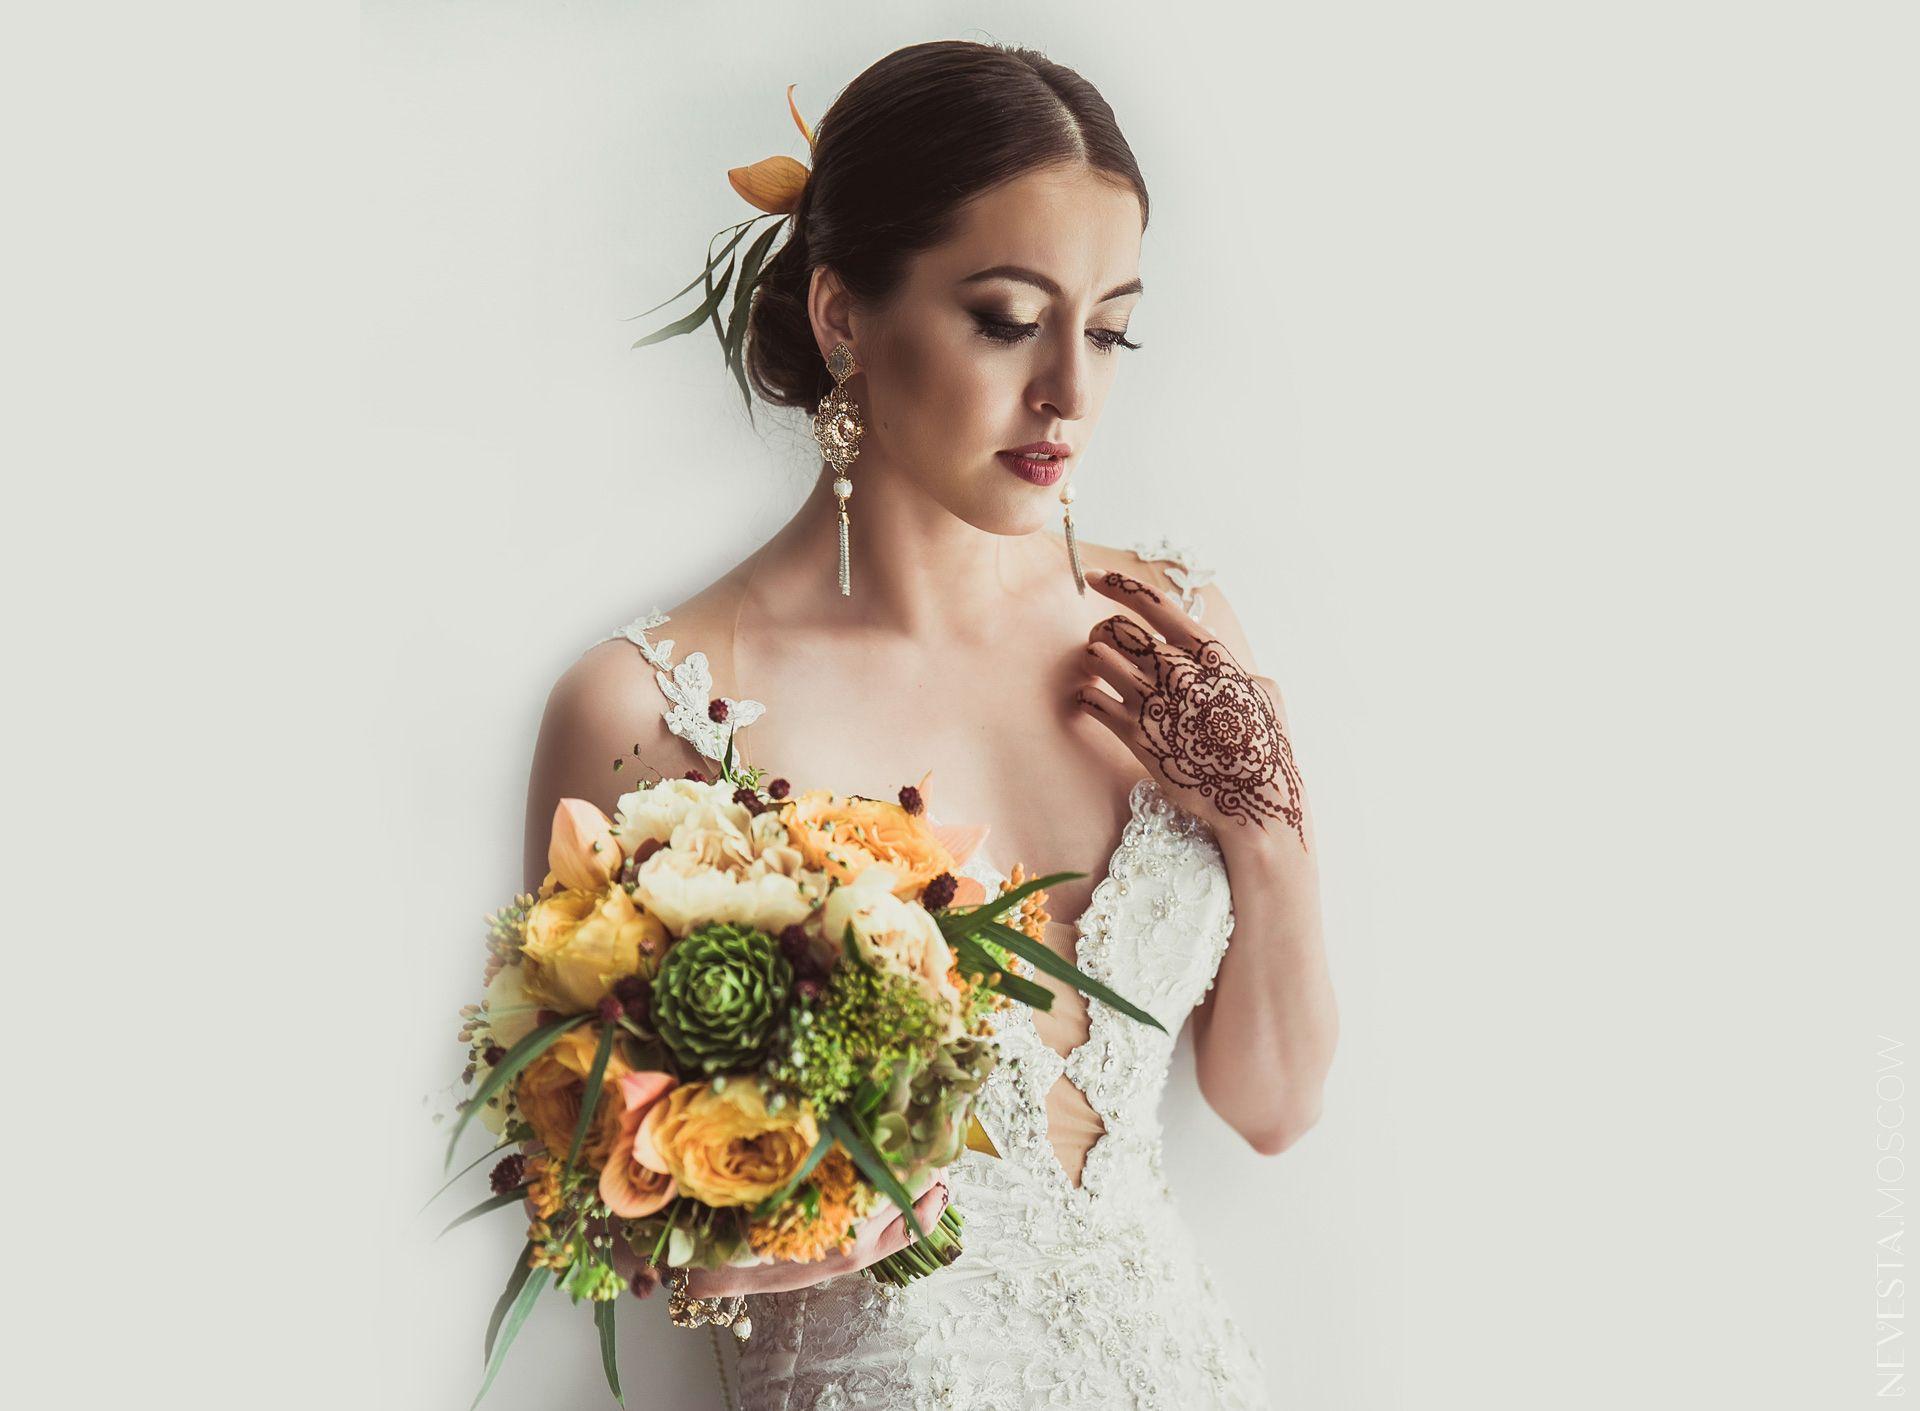 Образ марокканской невесты для главной героини сериала «Сладкая жизнь»